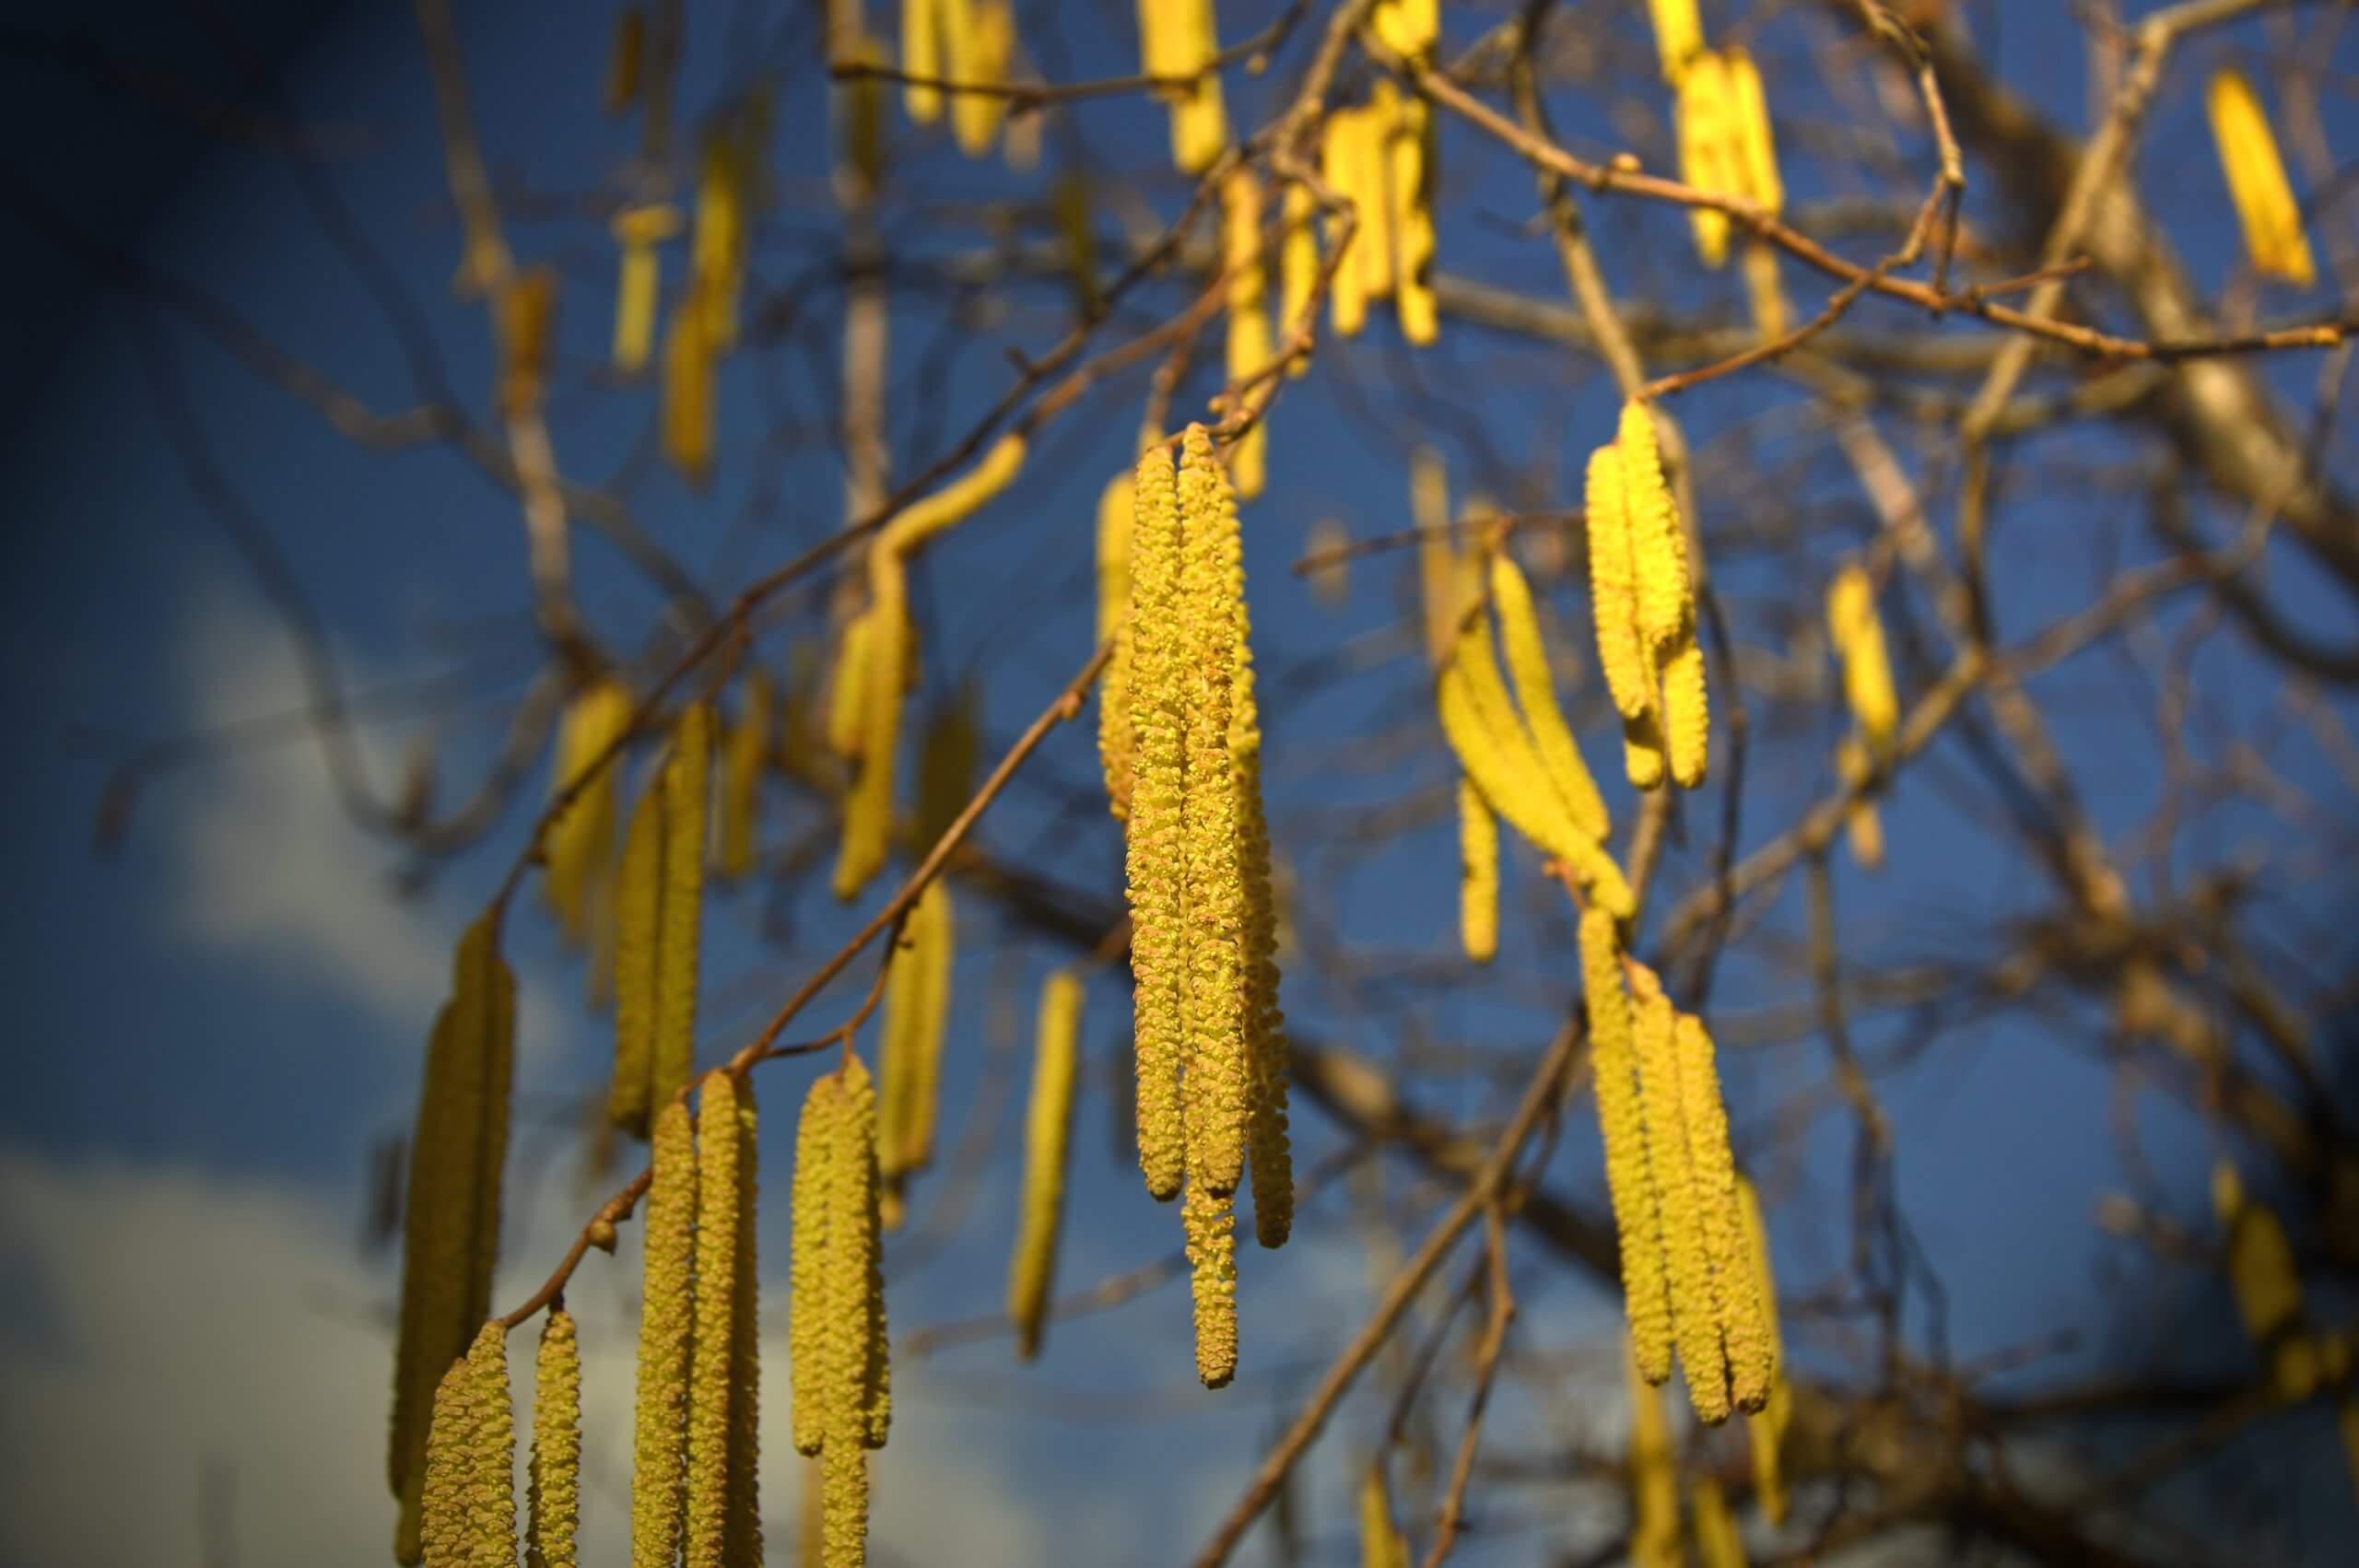 pollenschutz-haselnuss-pollen-210112